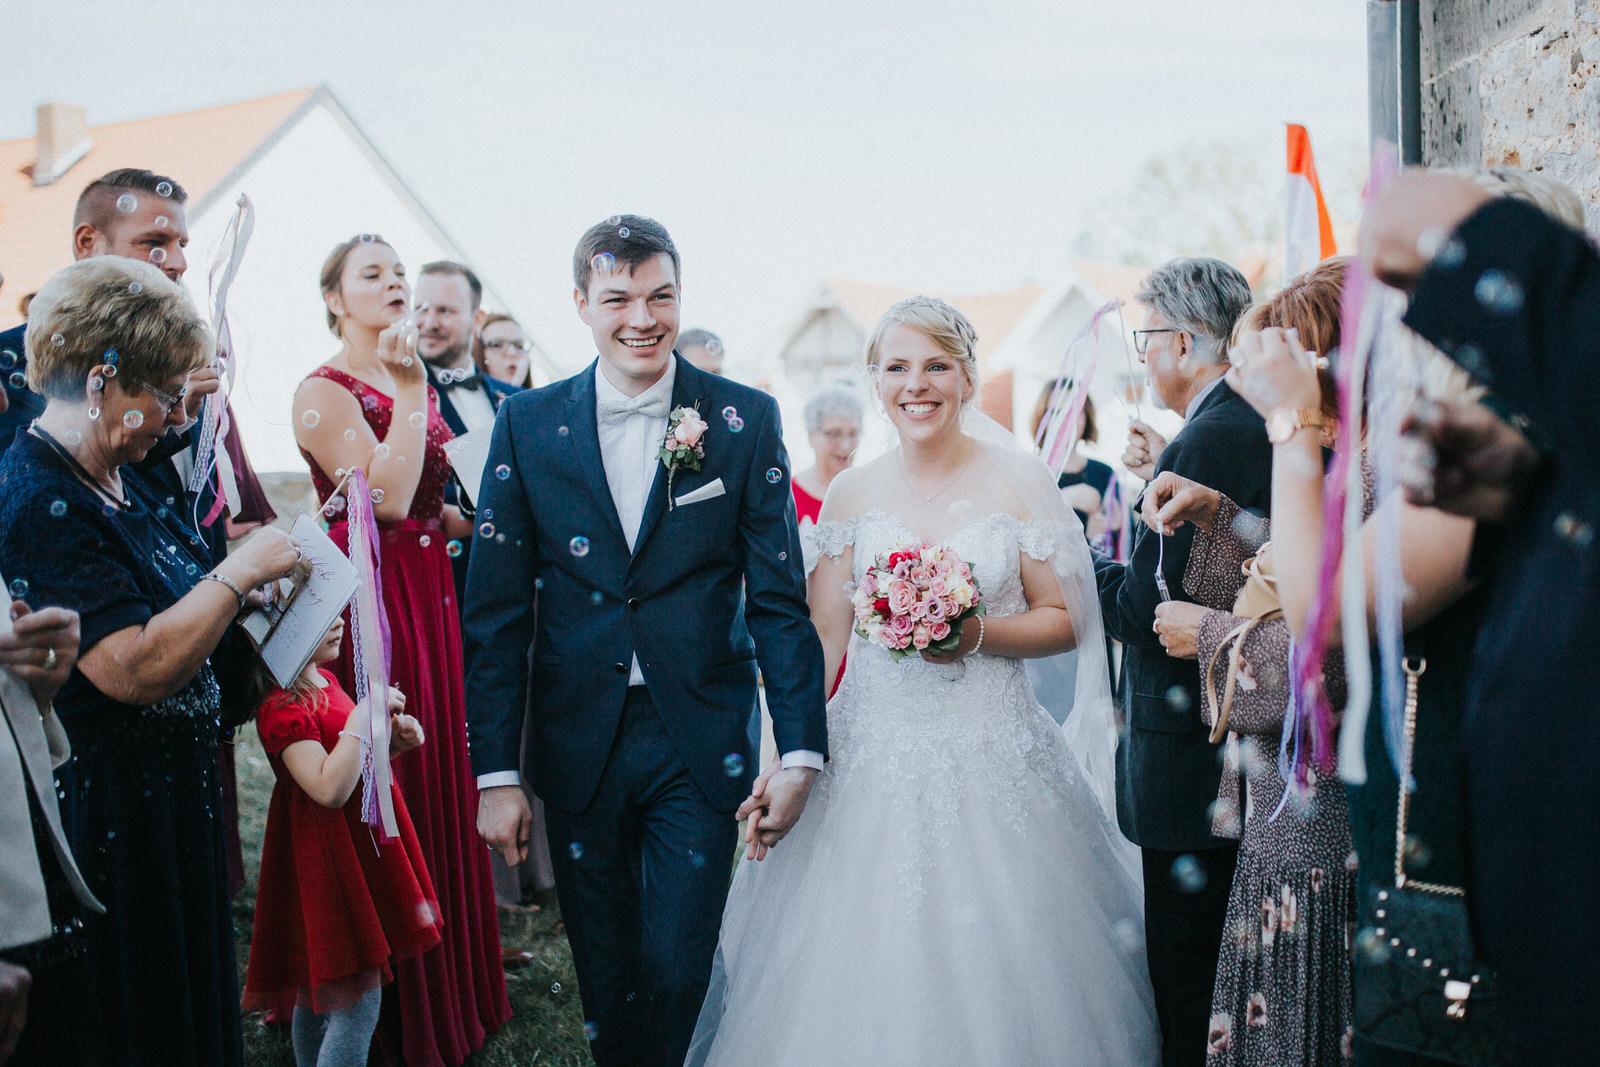 Hochzeitsfotograf_Kassel_Paderborn_Nordhessen_Hochzeitsfotografkassel_Hochzeitsfotografpaderborn_HochzeitsfotografNordhessen_123